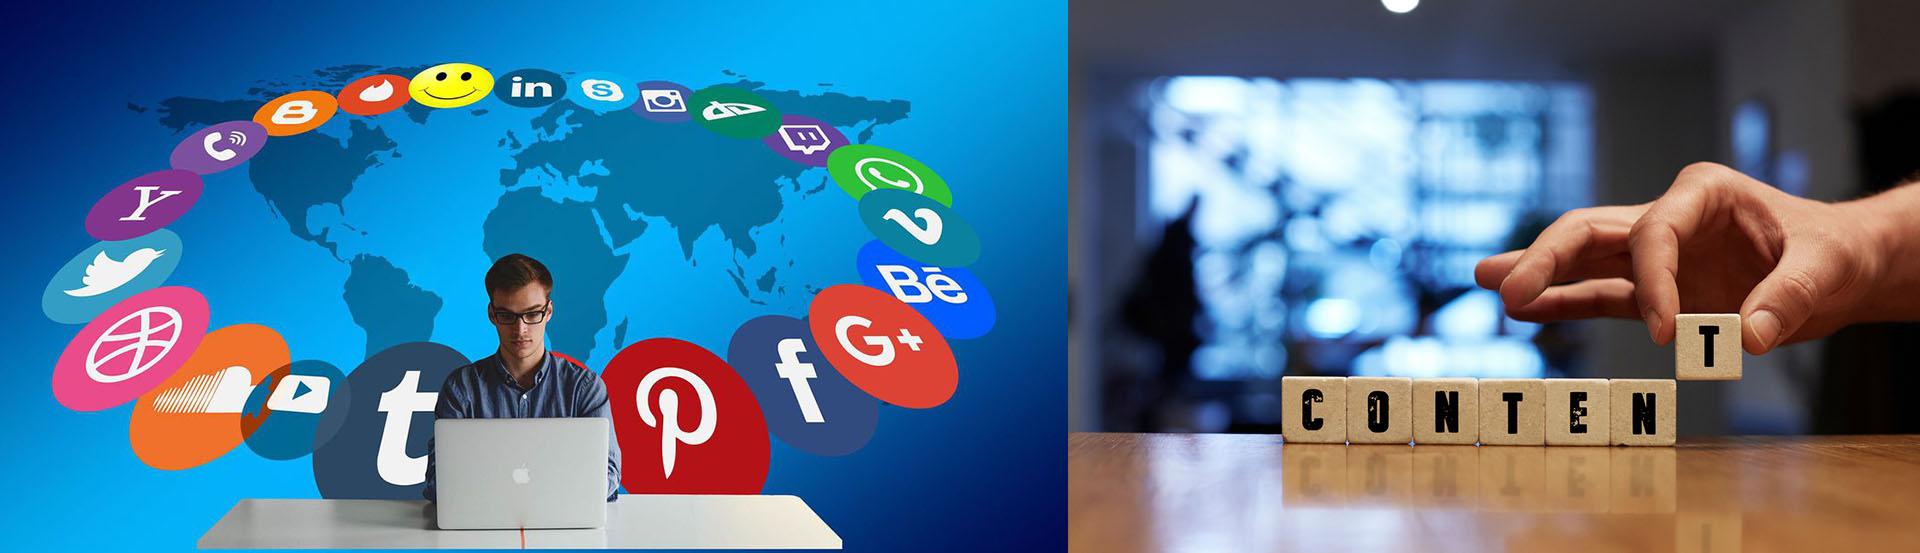 Xây dựng chiến lược mạng xã hội cho nhà hàng khách sạn